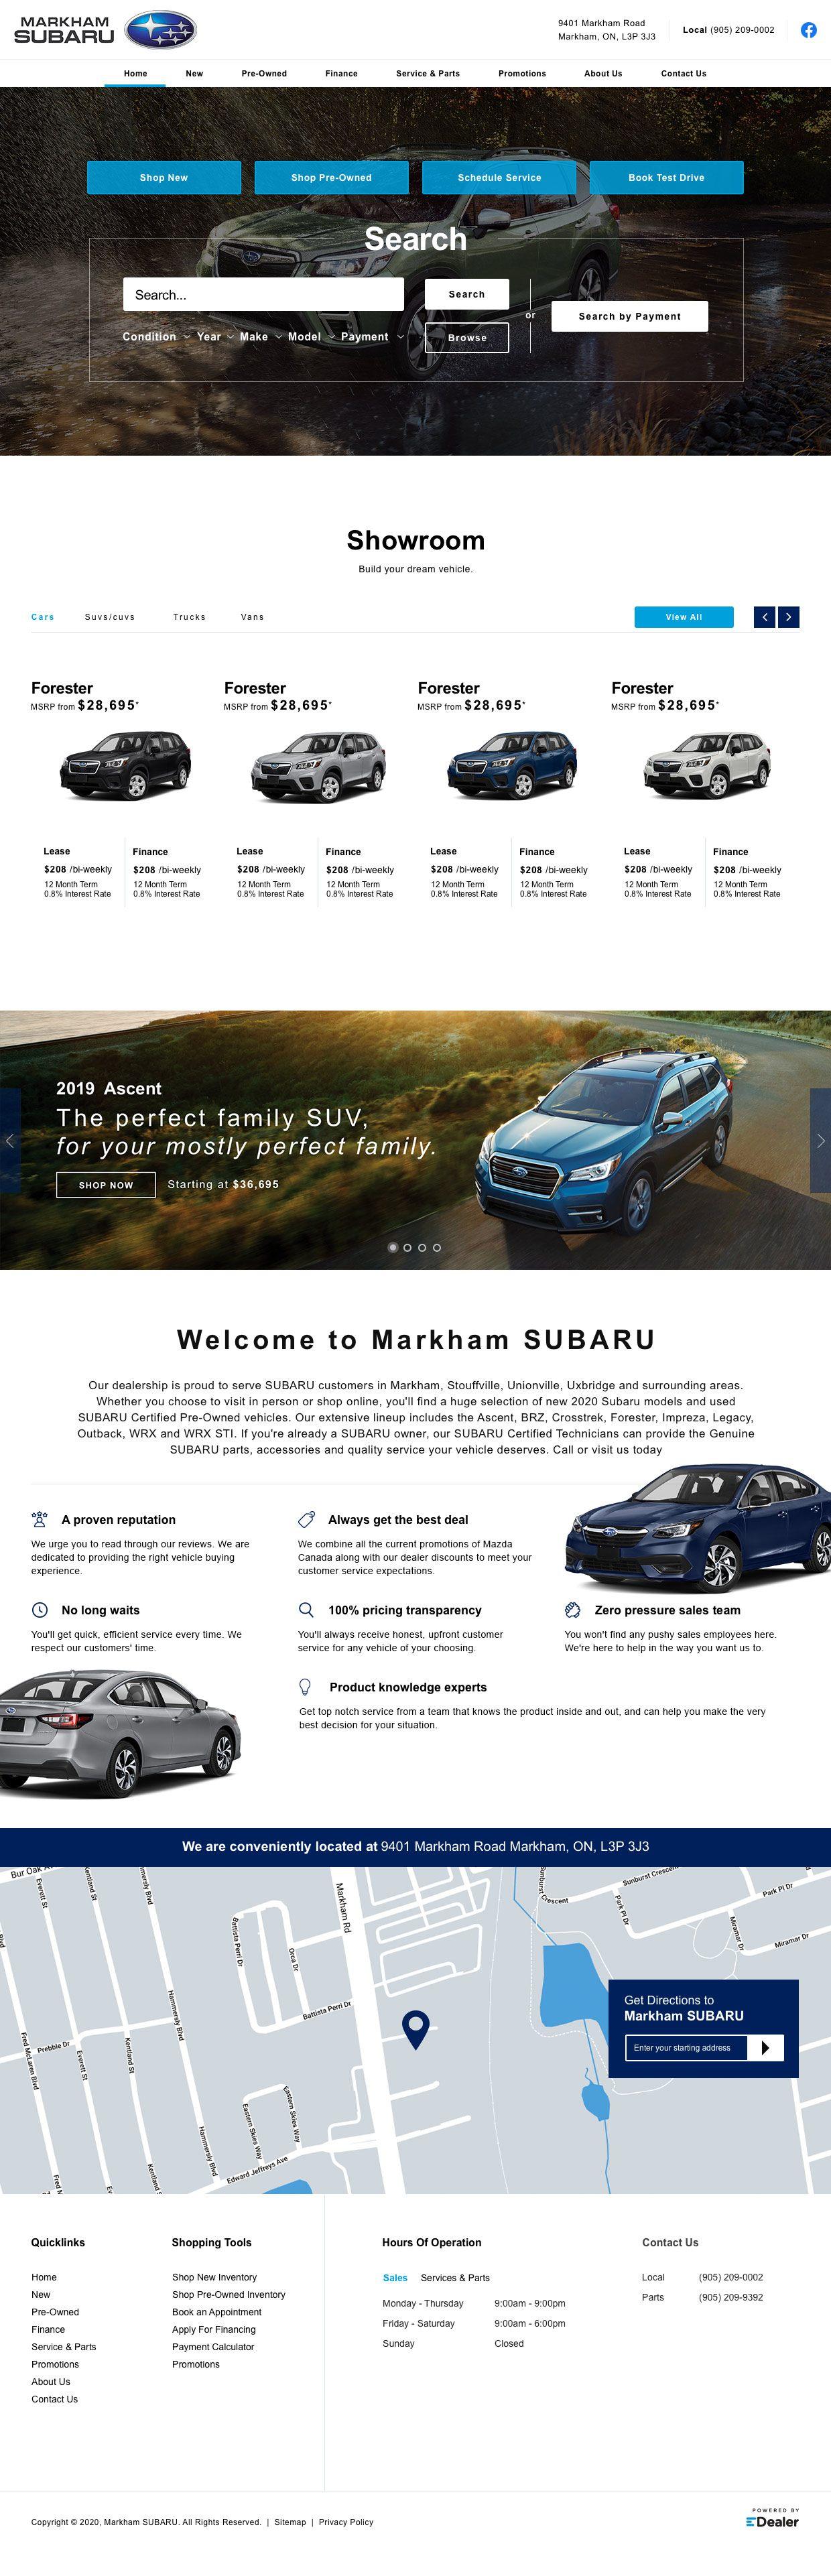 Markham Subaru